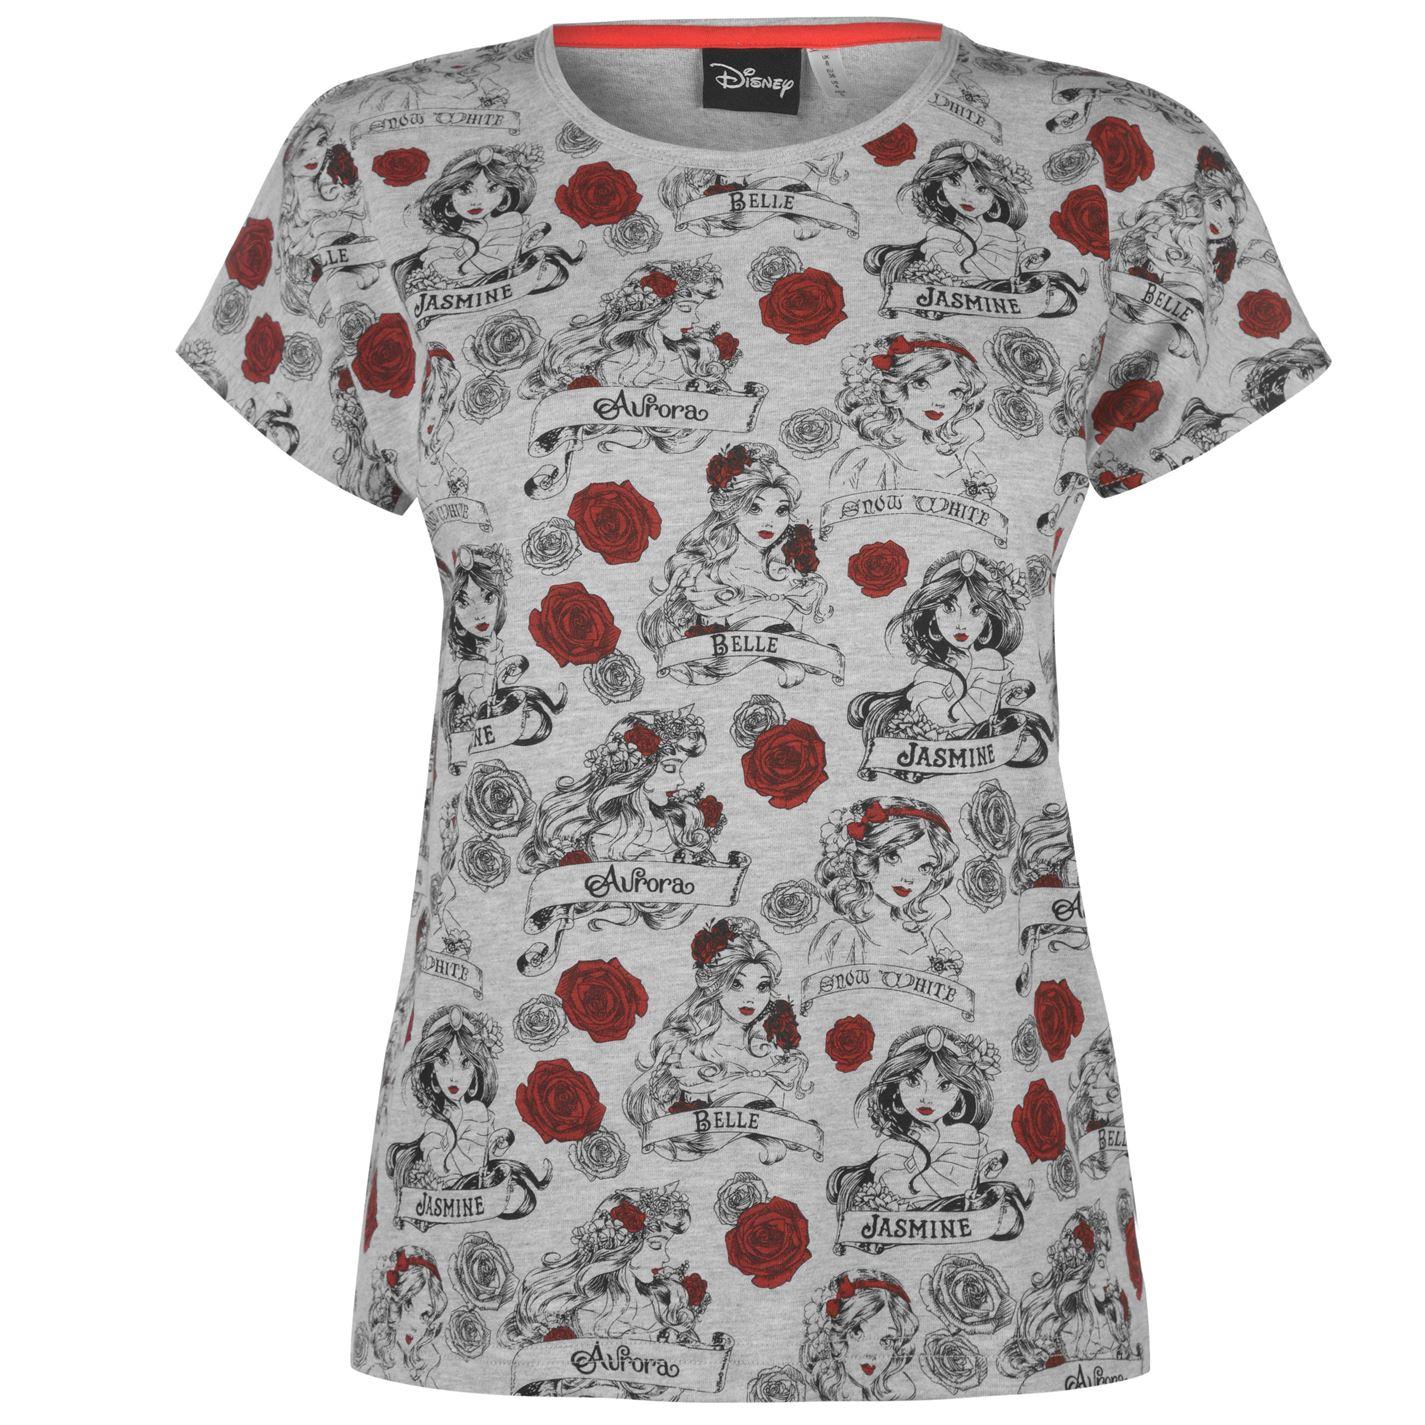 d20b2ea8008d Triko Character Short Sleeve T Shirt dámské Disney Princess - Glami.cz